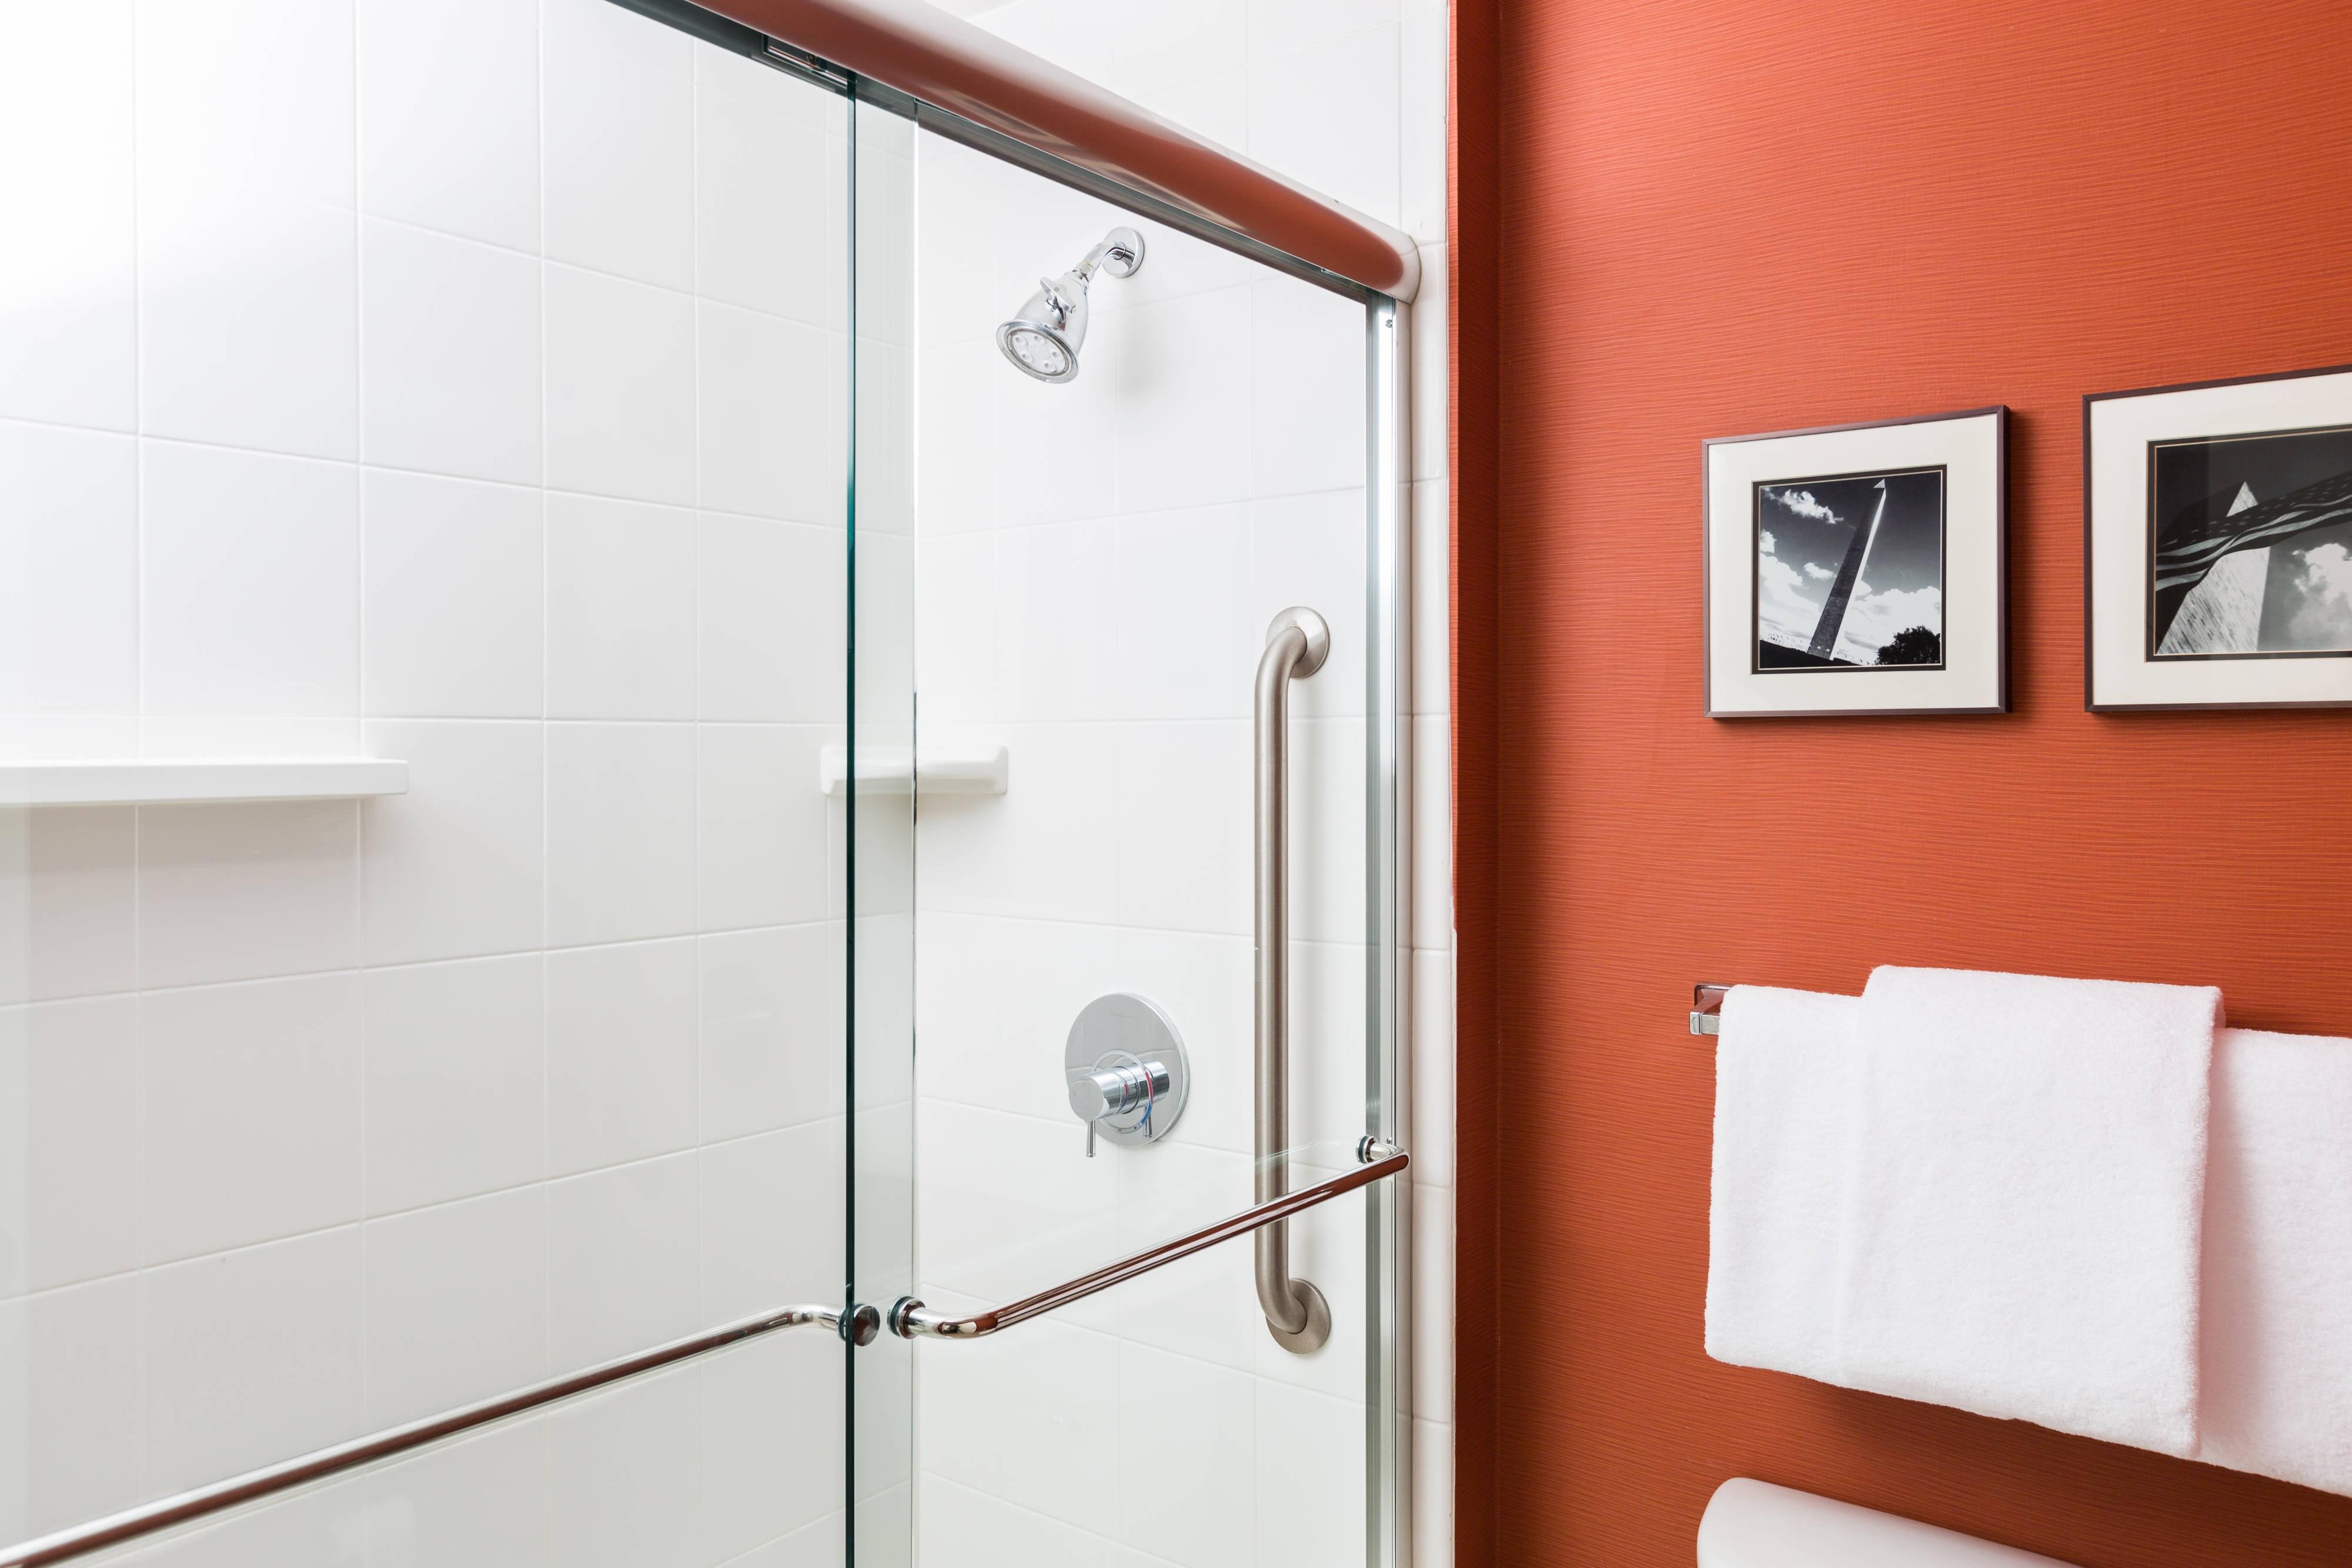 スイートのバスルーム - シャワー